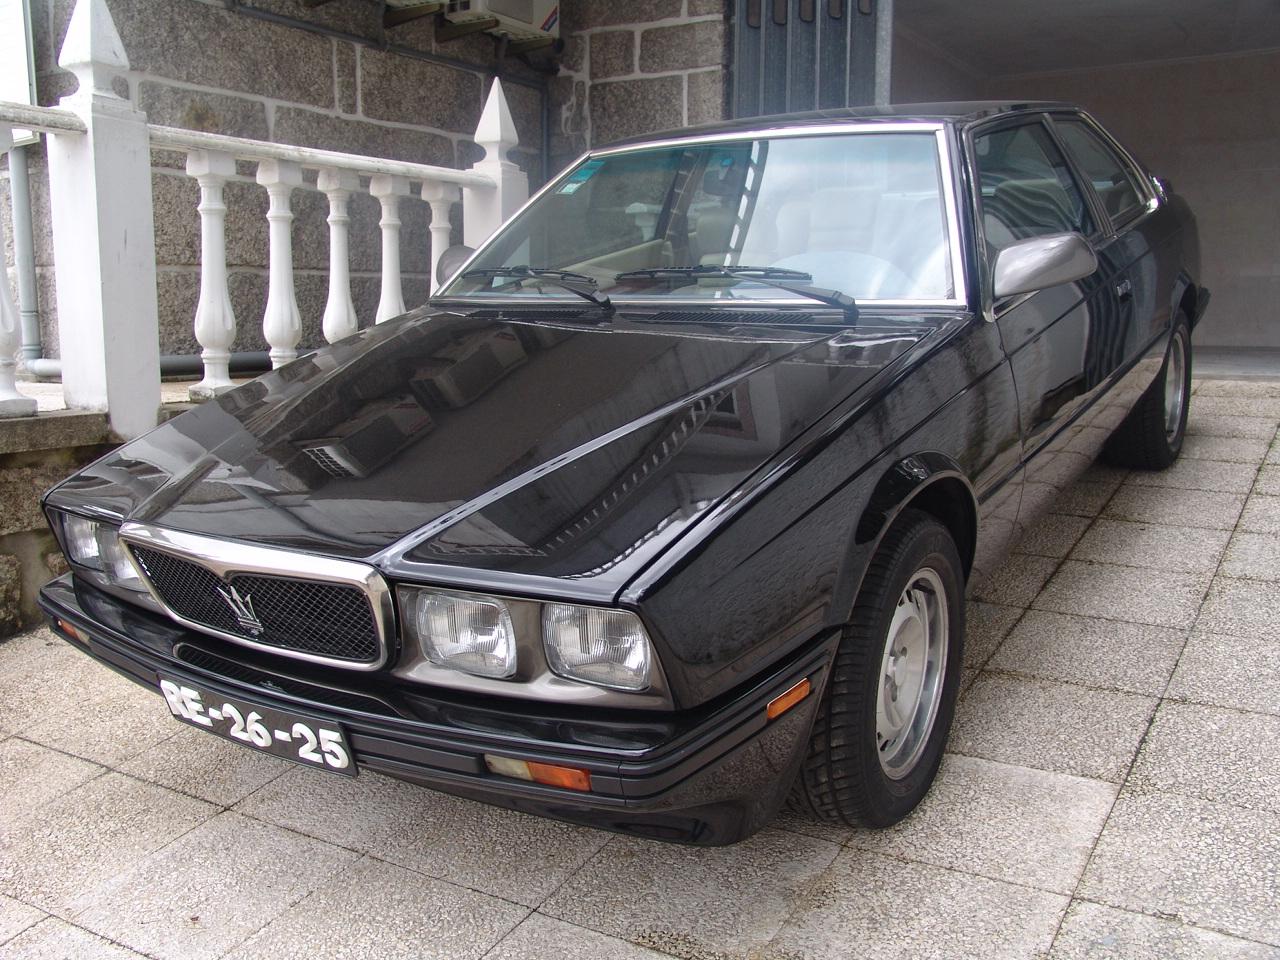 Maserati 222 Biturbo vai a leilão em Cascais